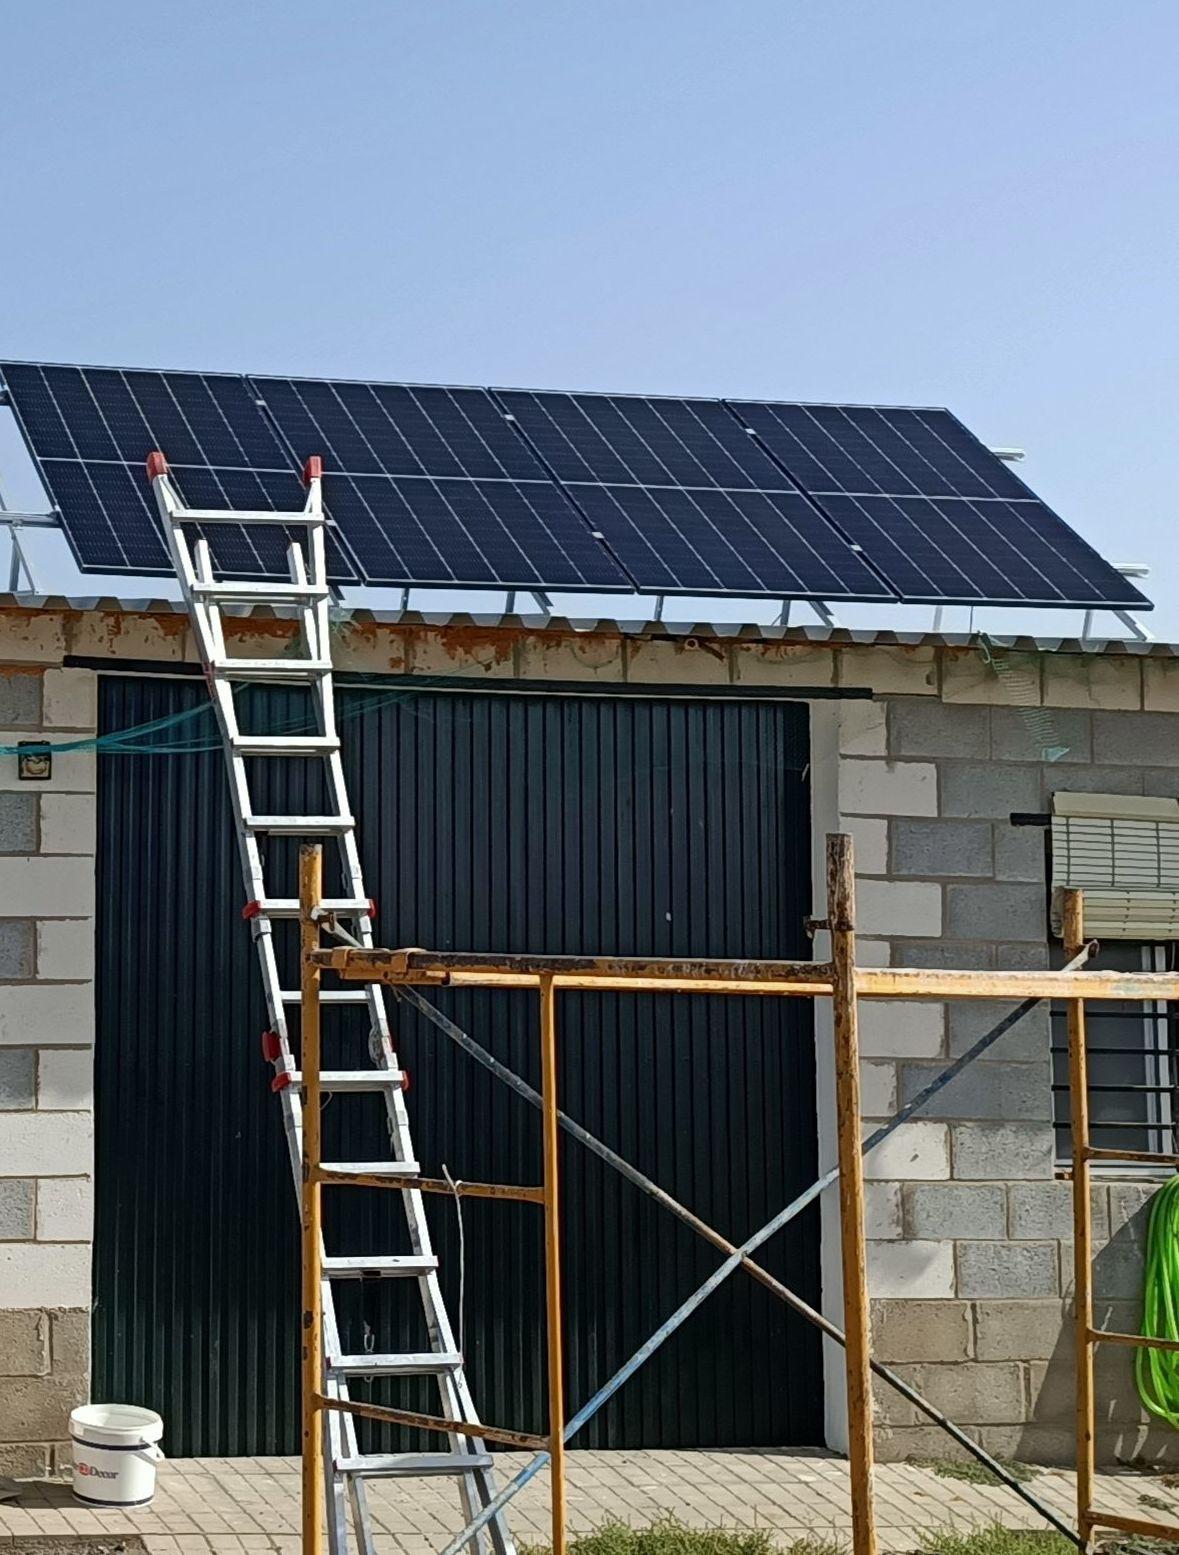 Panel fotovoltaico Monocristalino de 440Wp, 120 células y 20.77% de rendimiento.